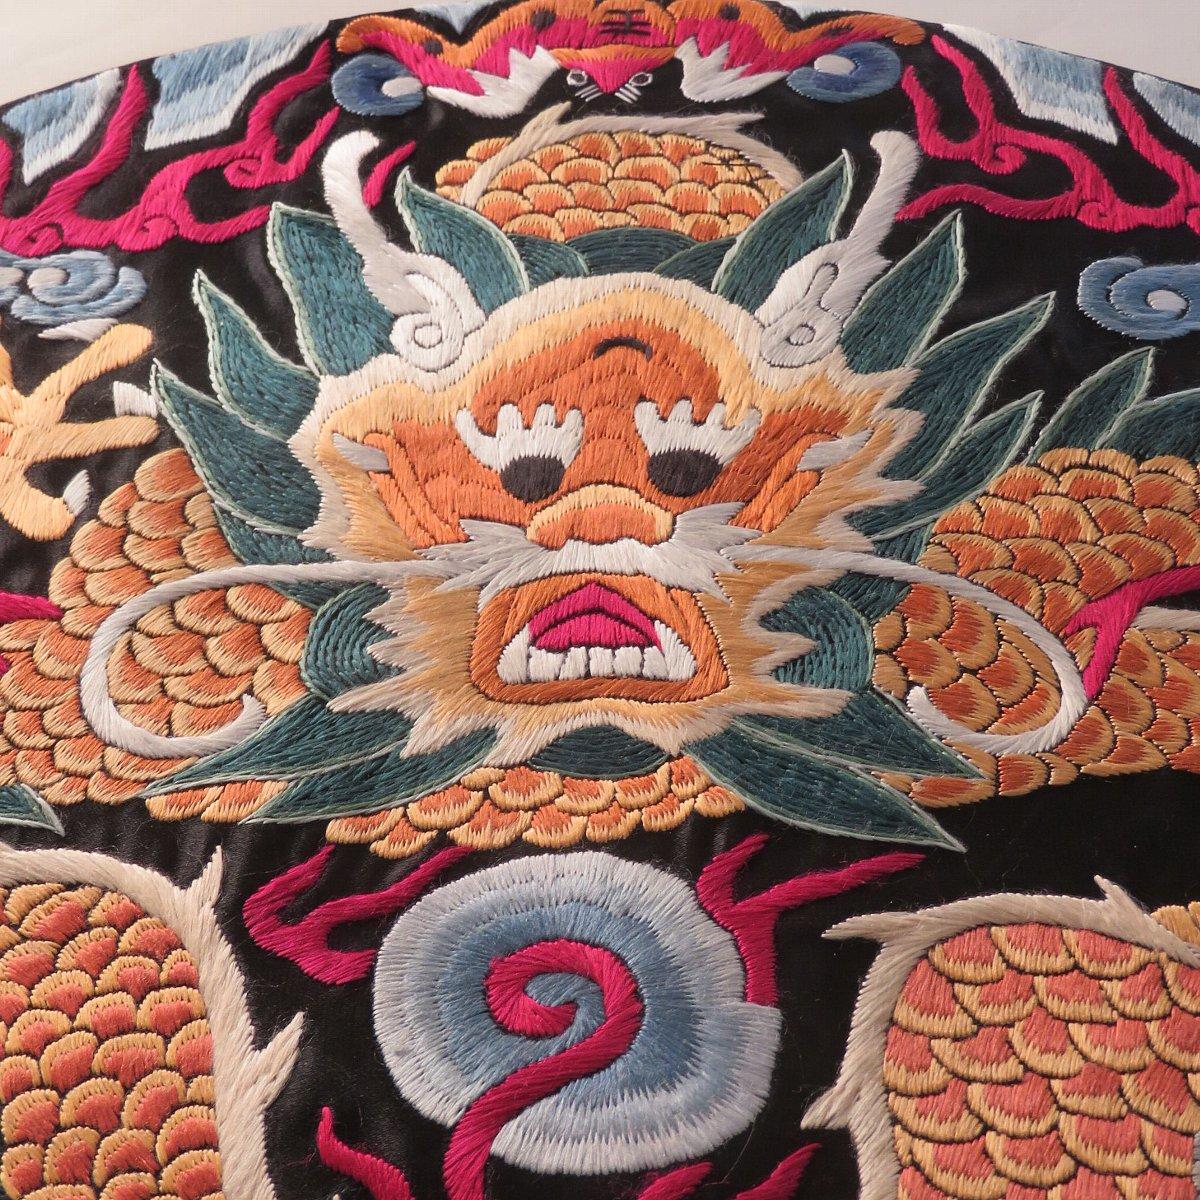 美しい五爪龍の刺繍